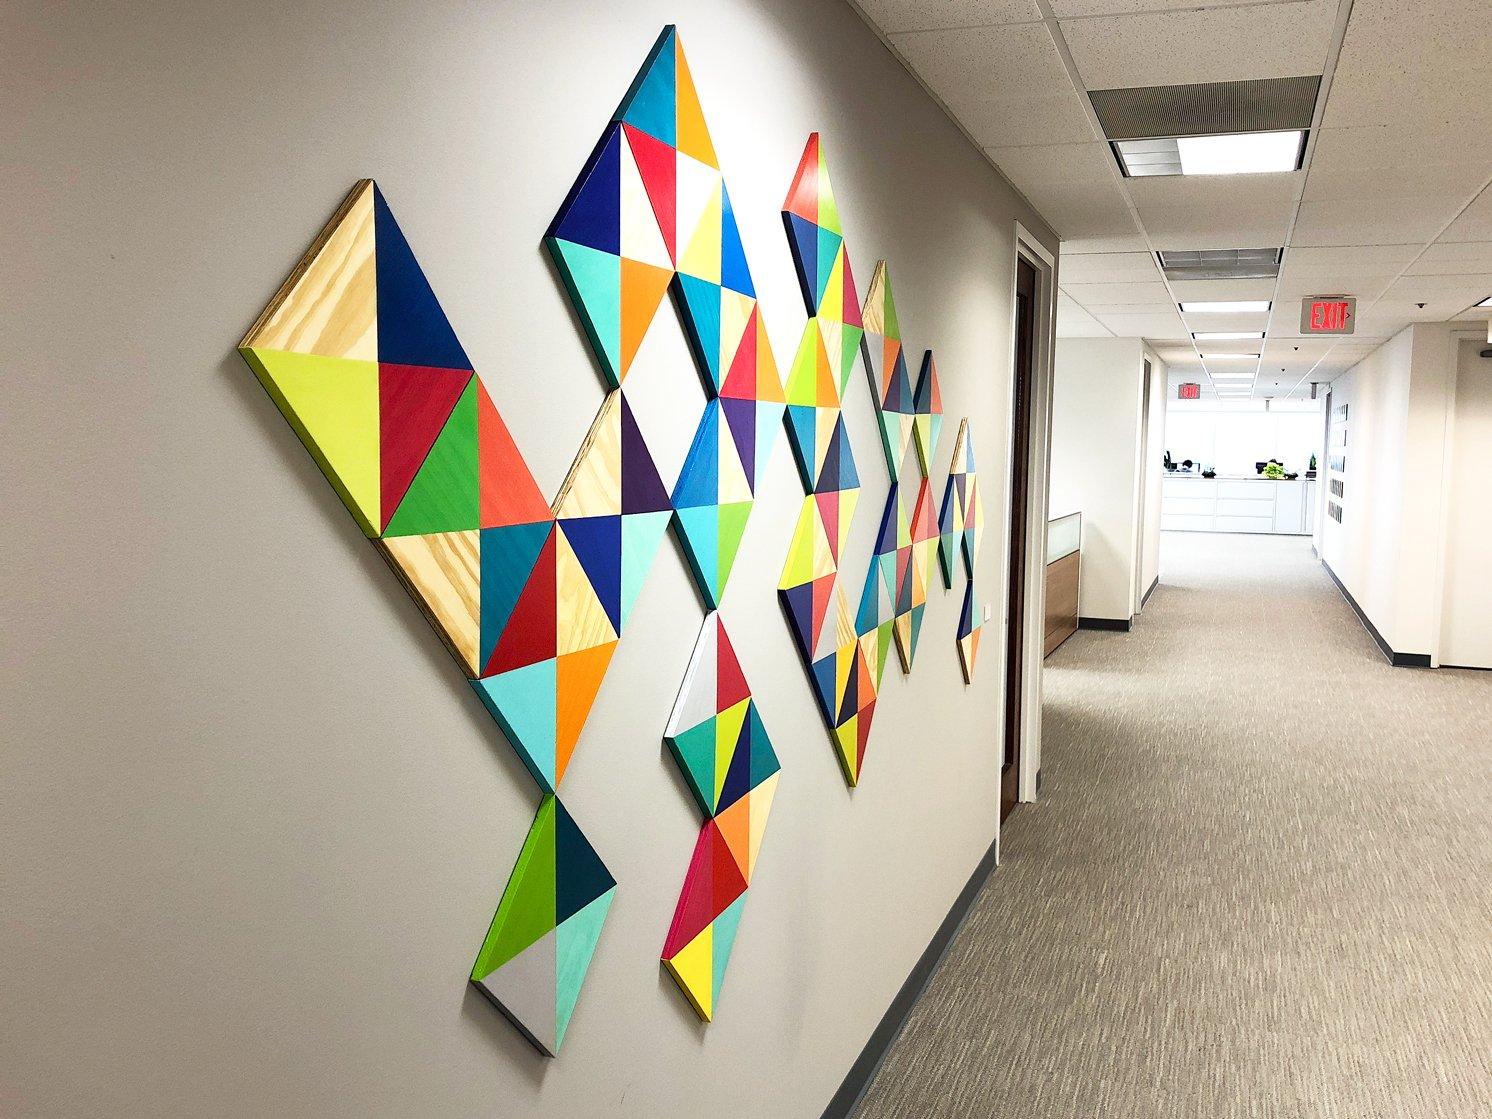 marvelous 3 D Wall Art Part - 12: ... Image of u0027FOLLOW YOUR BLISSu0027 | Wood Wall Sculpture | 3D Wall Art ...